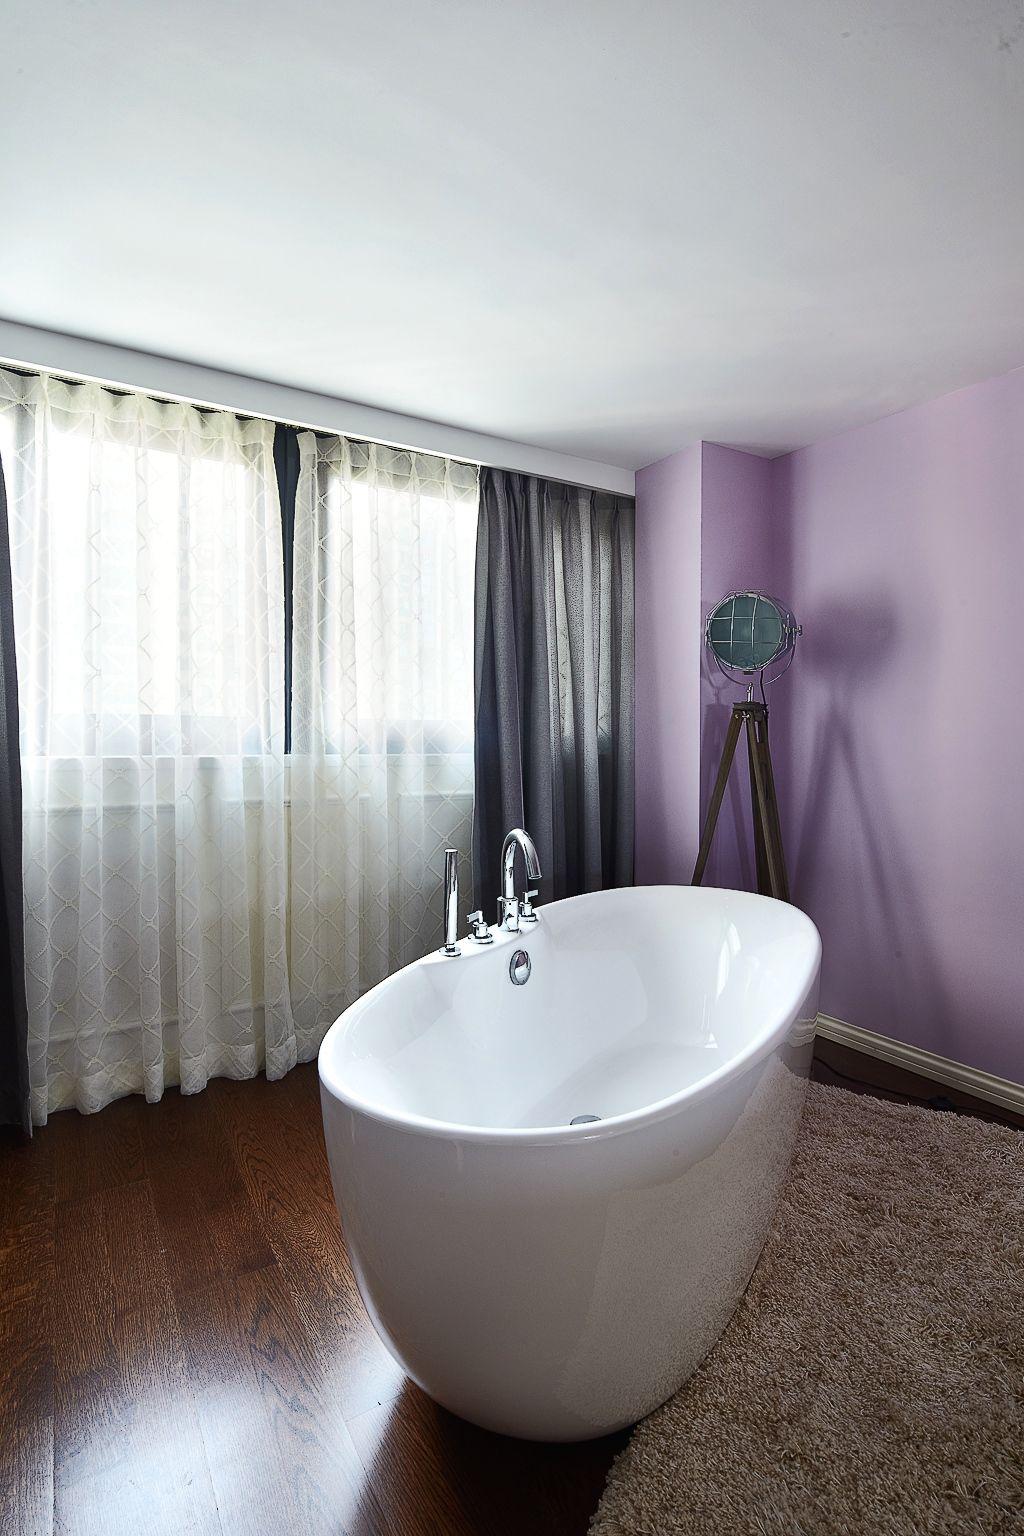 精美浪漫美式卫生间椭圆浴缸设计